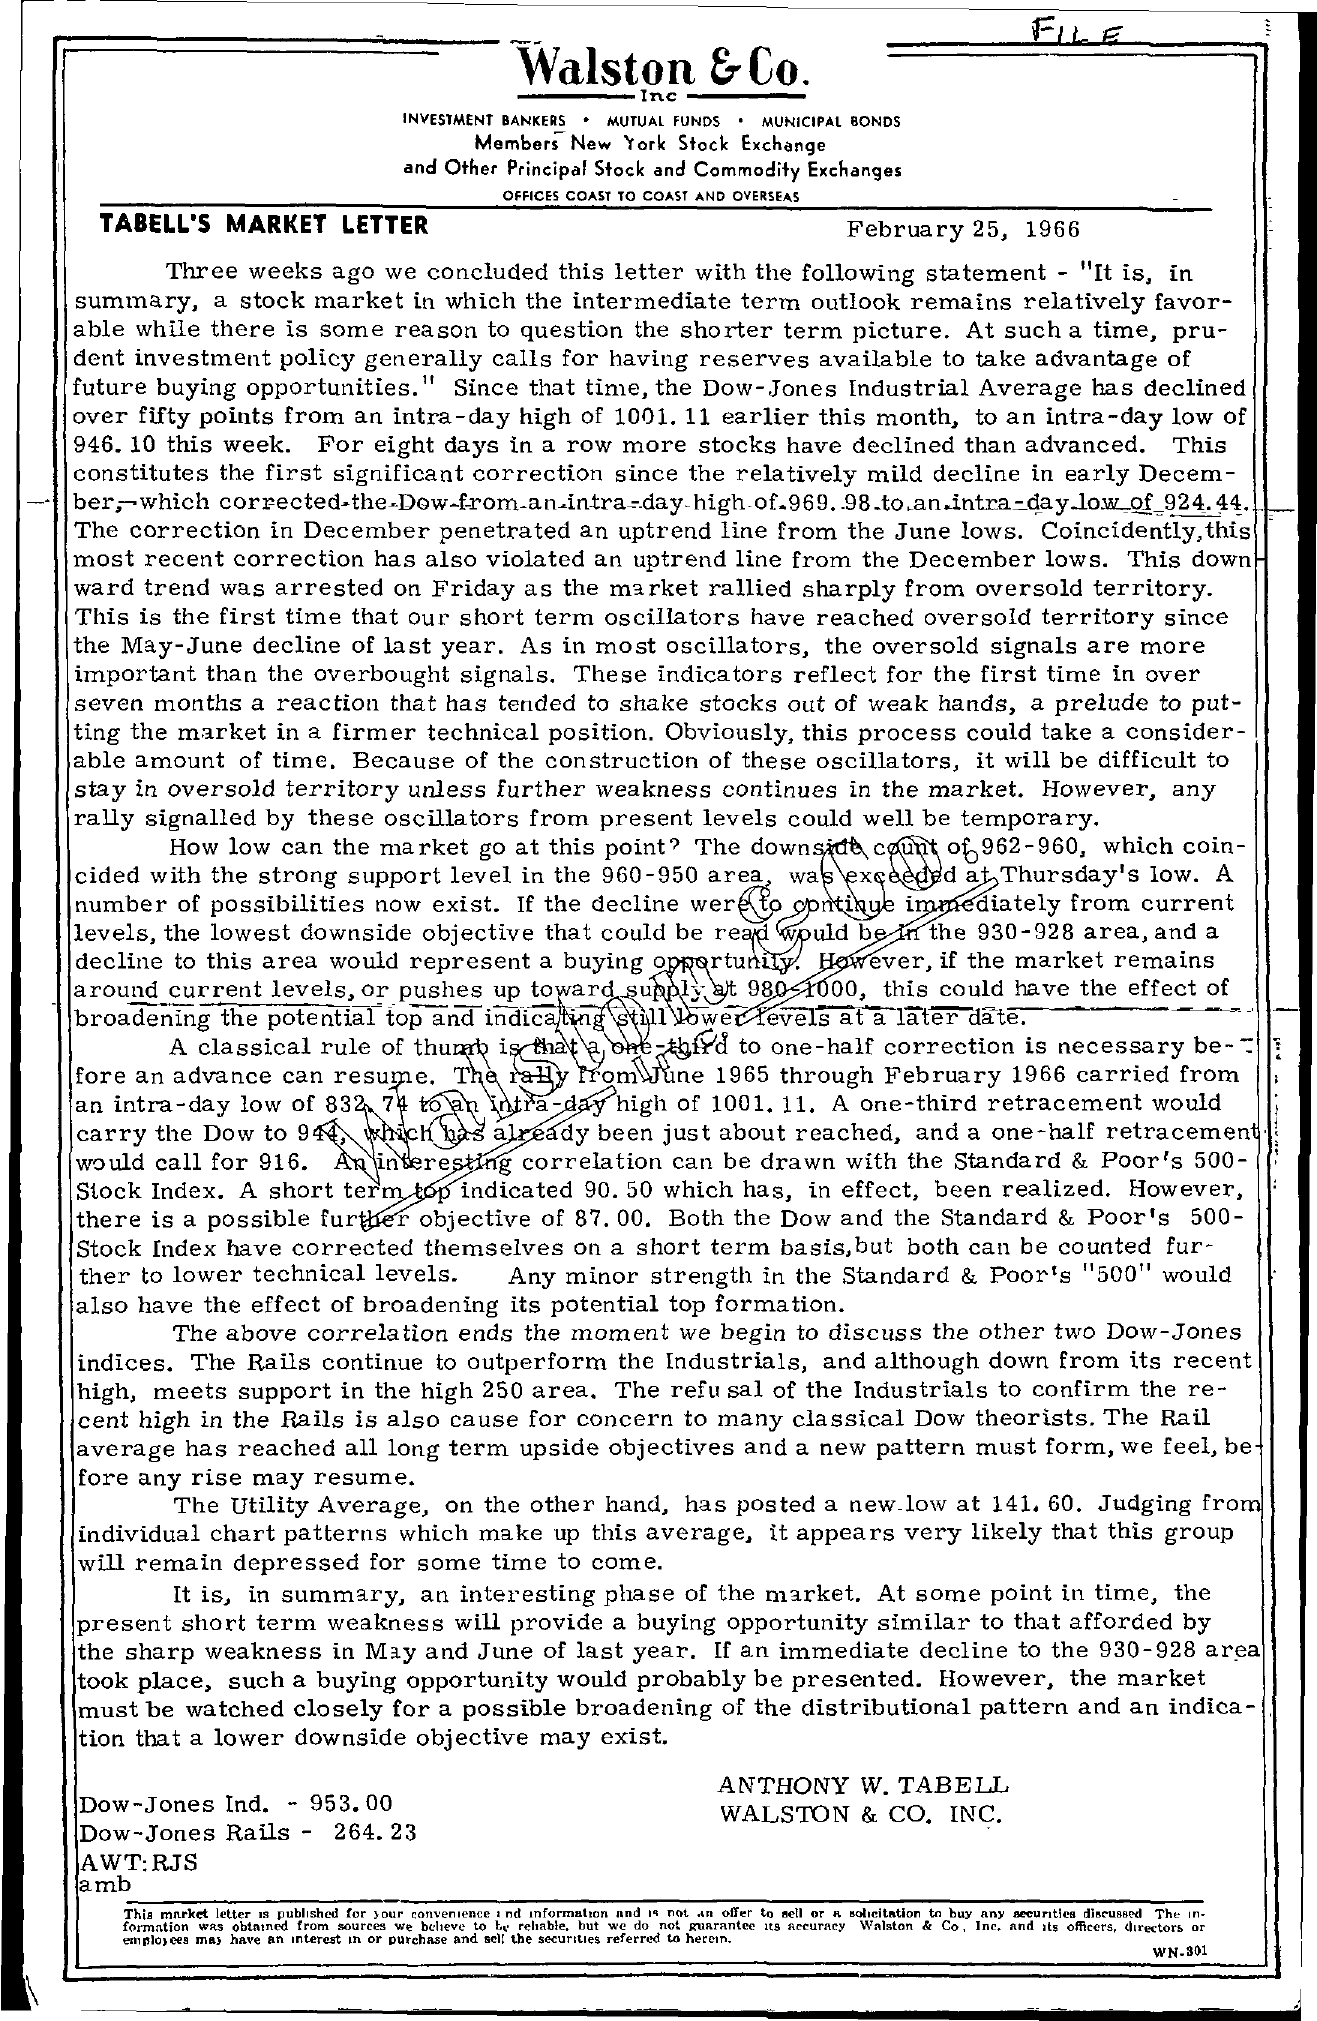 Tabell's Market Letter - February 25, 1966